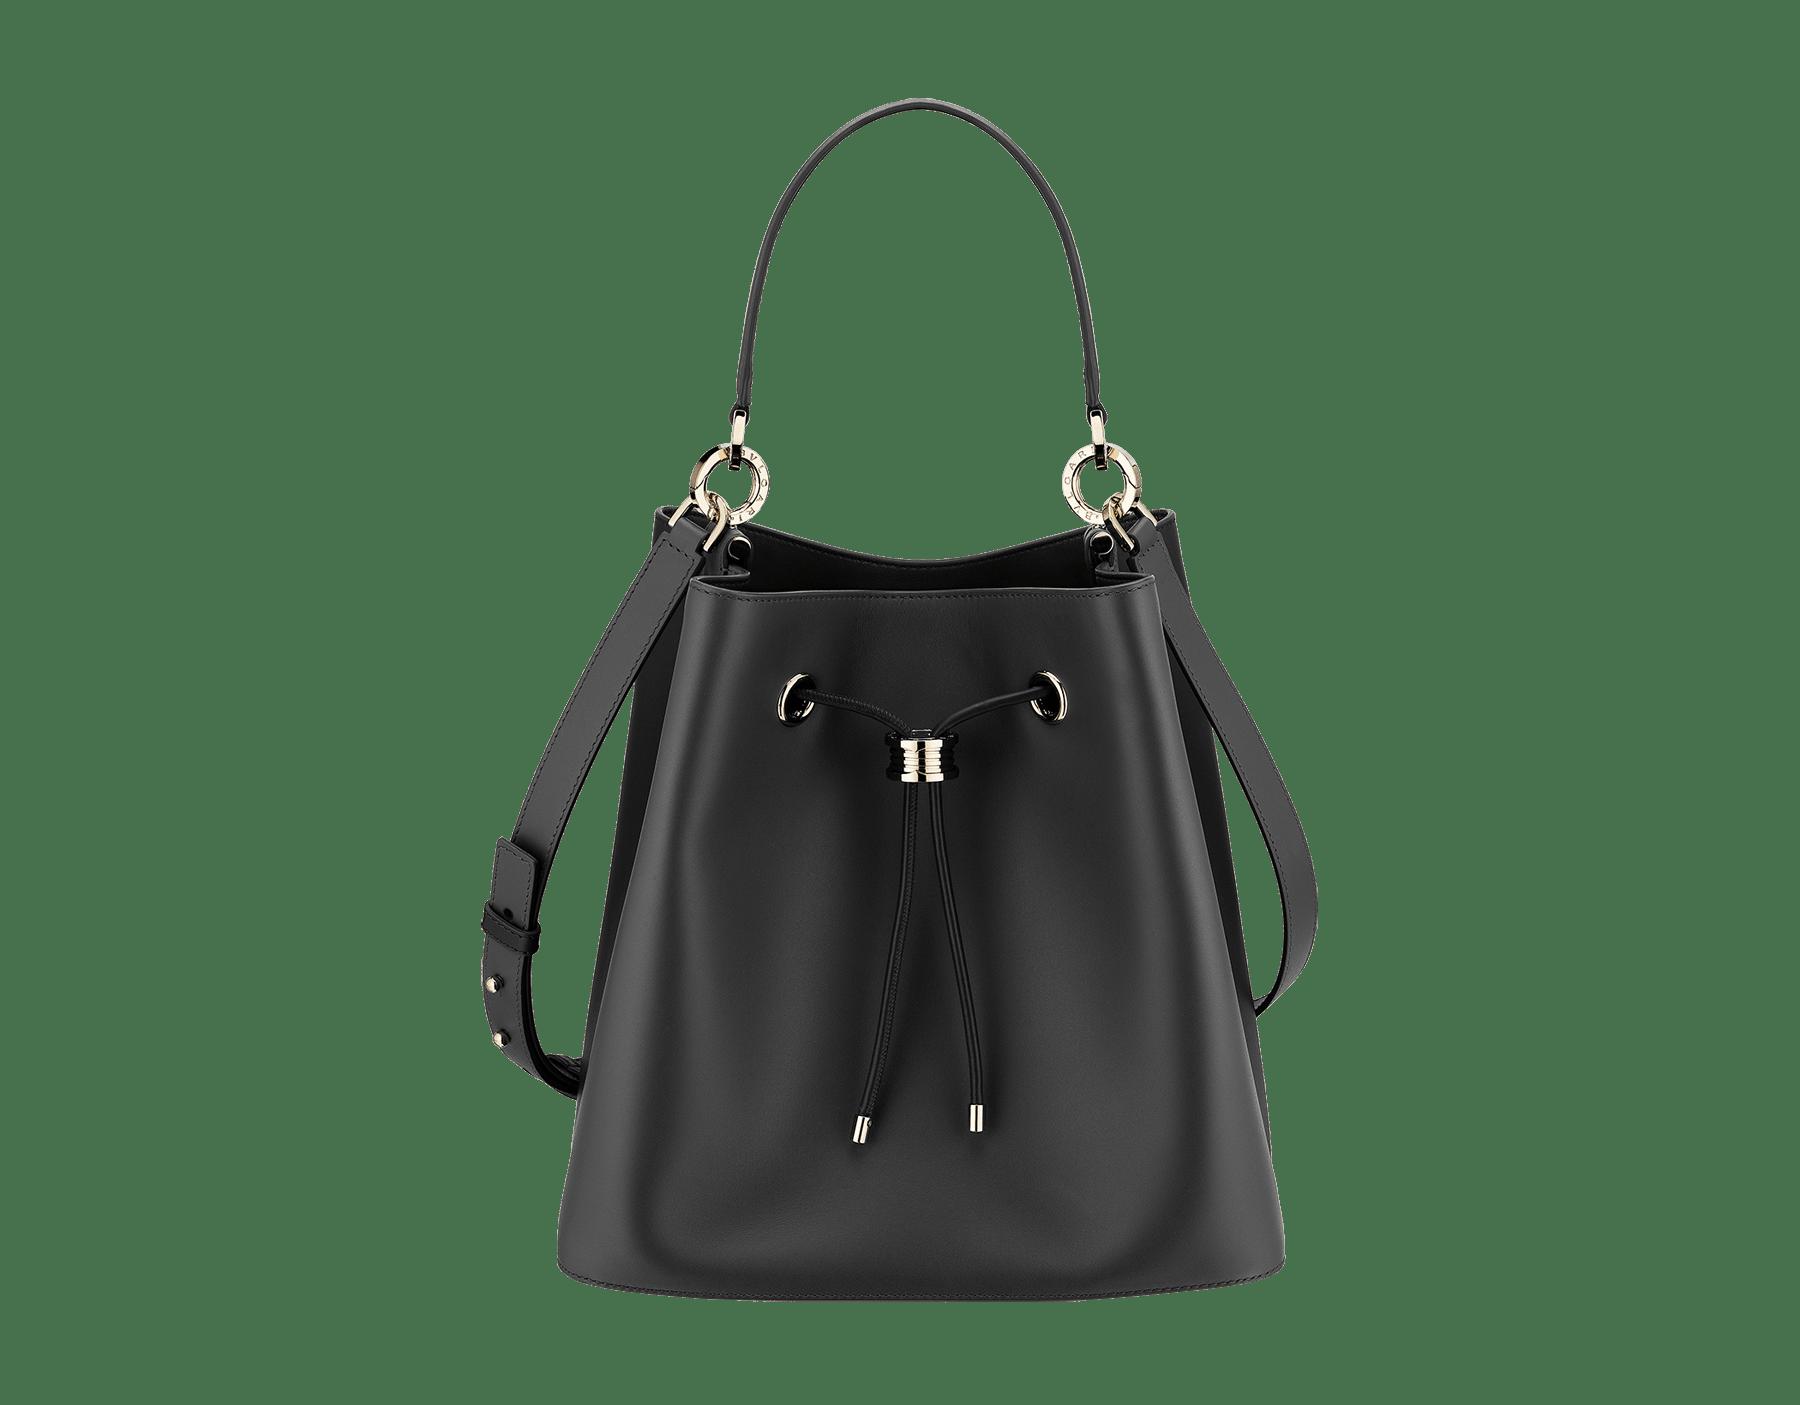 ブラックのスムースカーフレザー製「ビー・ゼロワン」バケットバッグ。内側にブラックのナッパレザー製ライニング。ビー・ゼロワン装飾をあしらったライトゴールドプレートブラスの金具。 975-BCL image 1